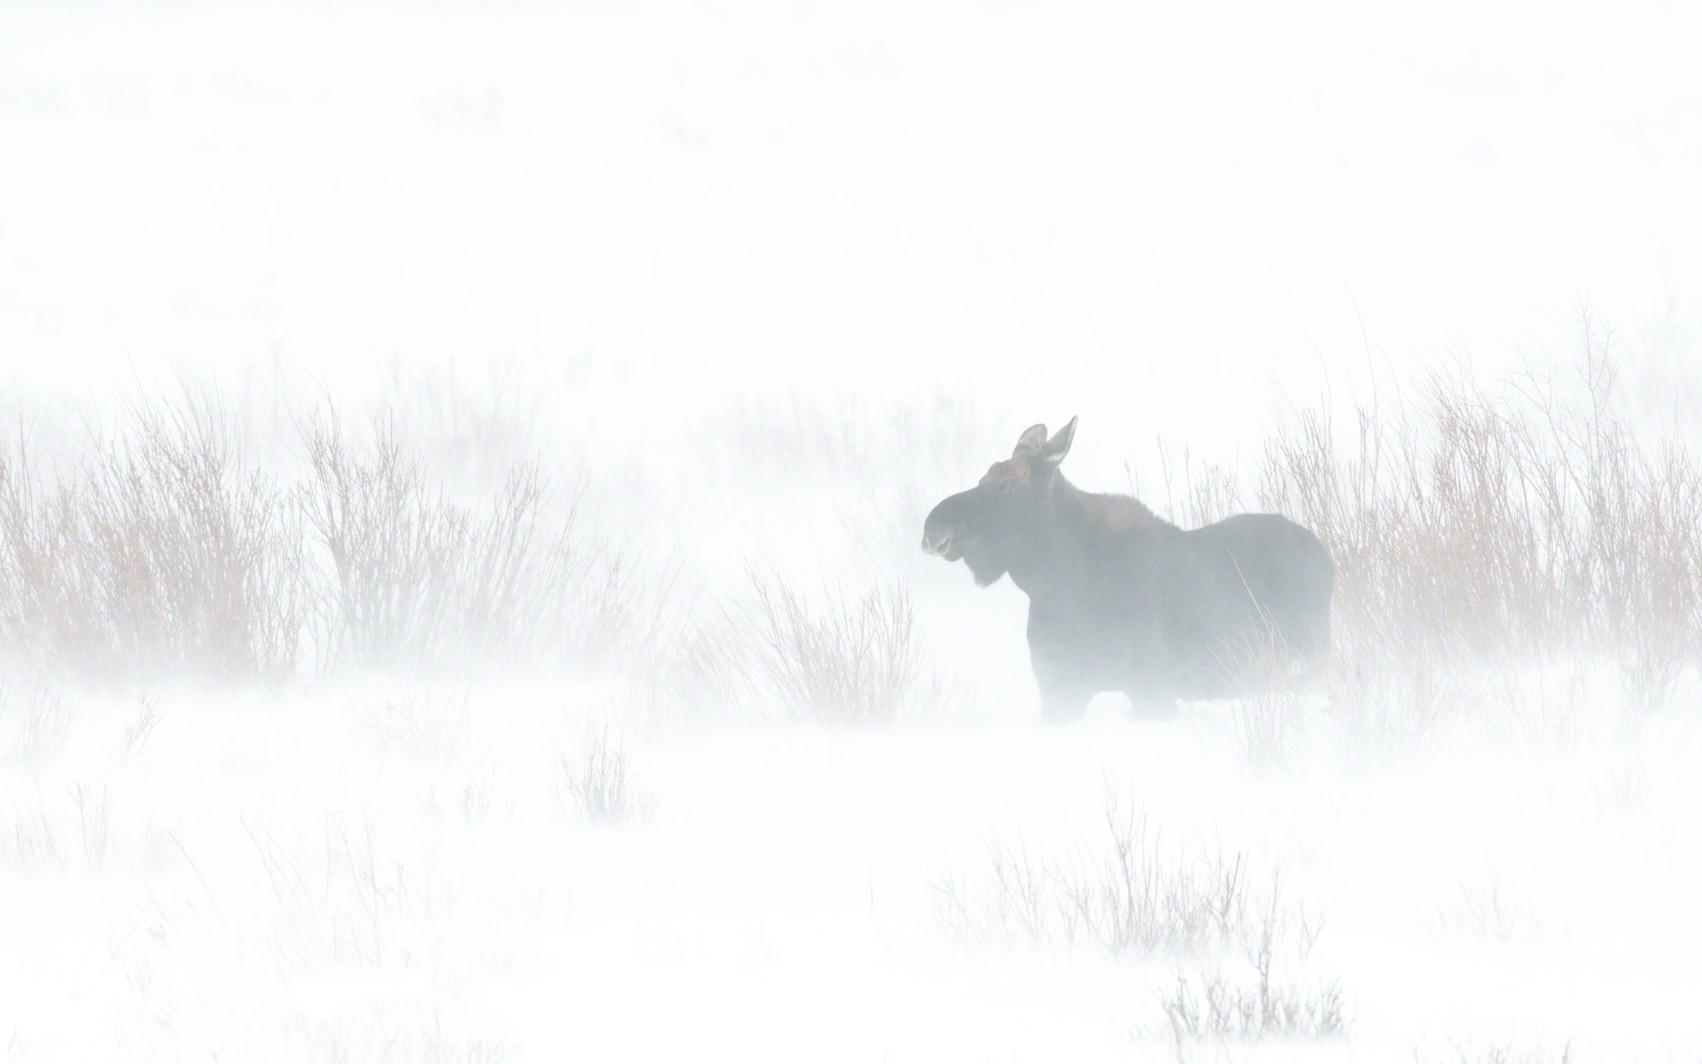 Moose windy snow